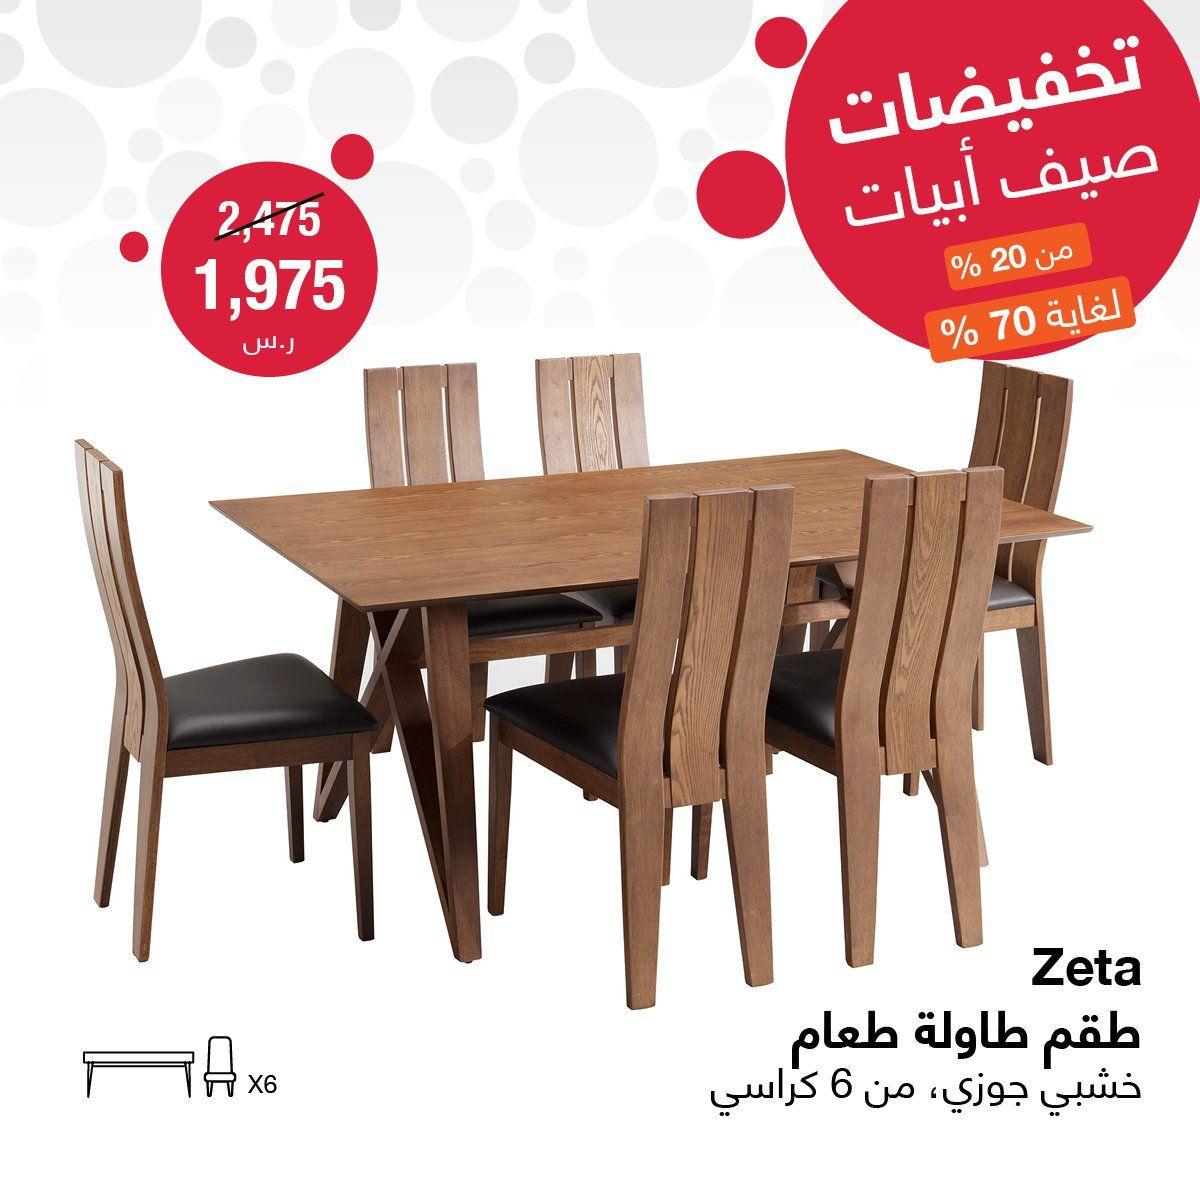 عروض أبيات السعودية على غرف الطعام اليوم الاثنين 9 7 2018 عروض اليوم Home Decor Furniture Decor